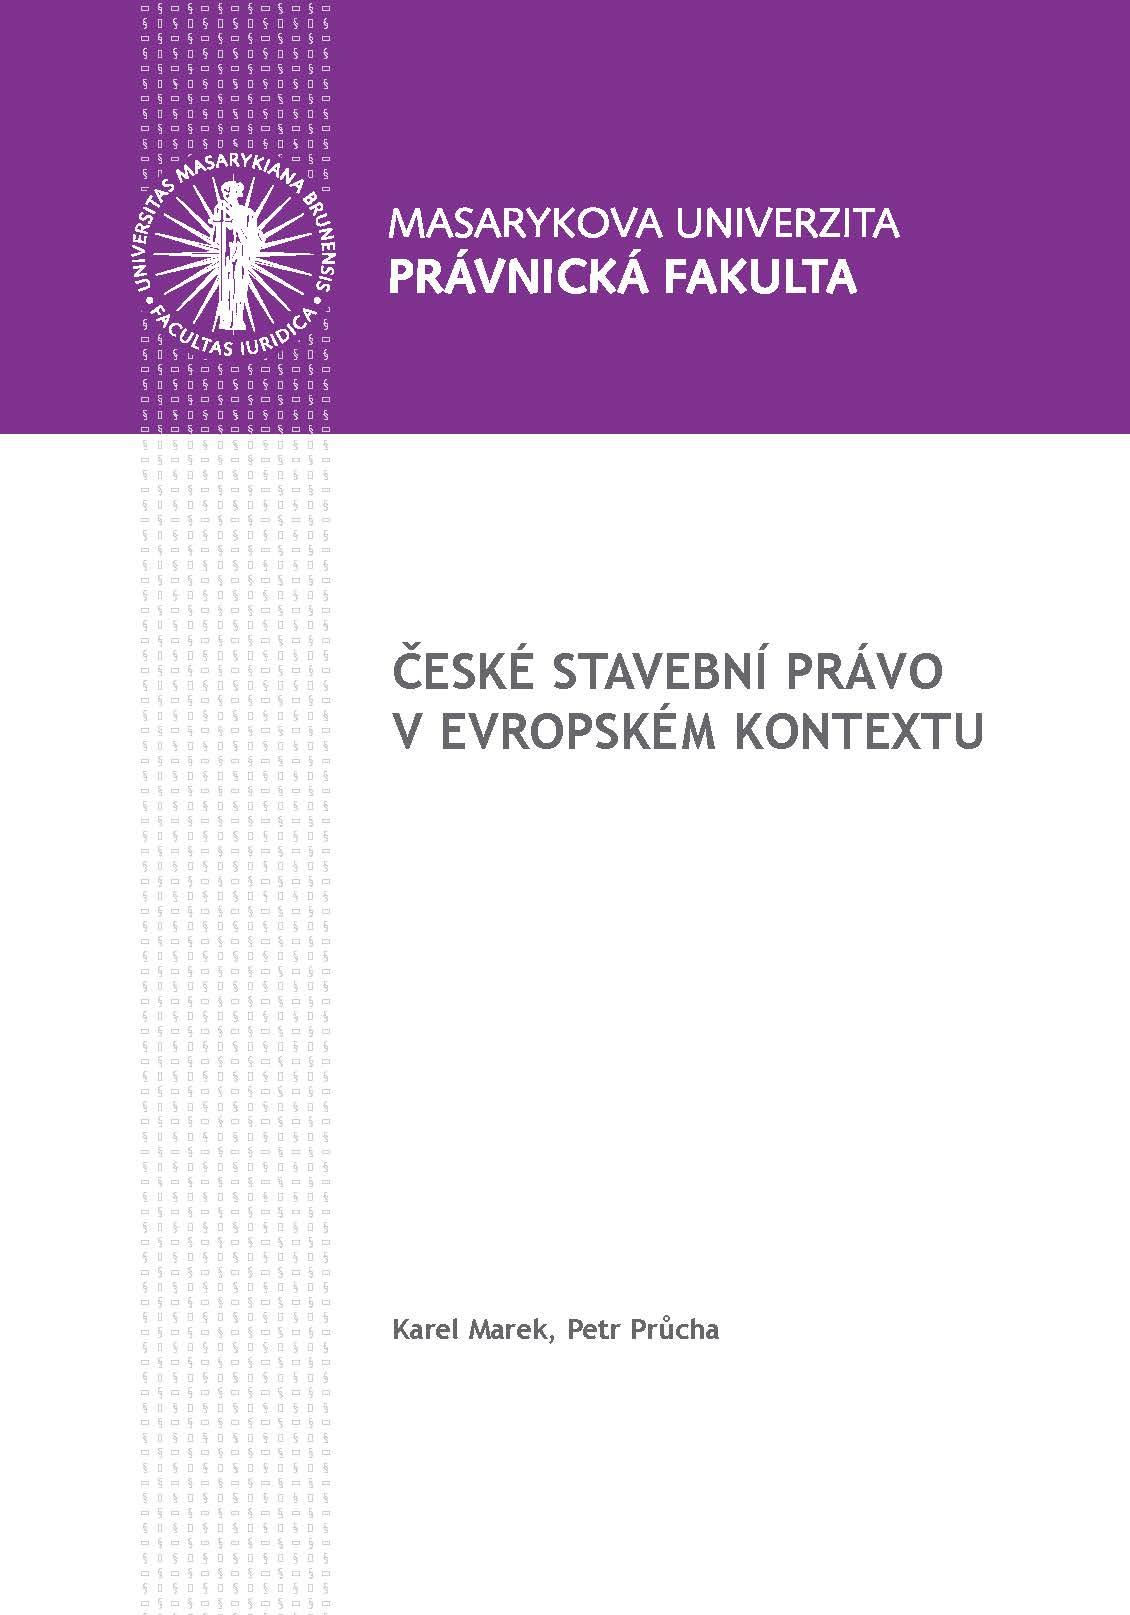 Obálka pro České stavební právo v evropském kontextu